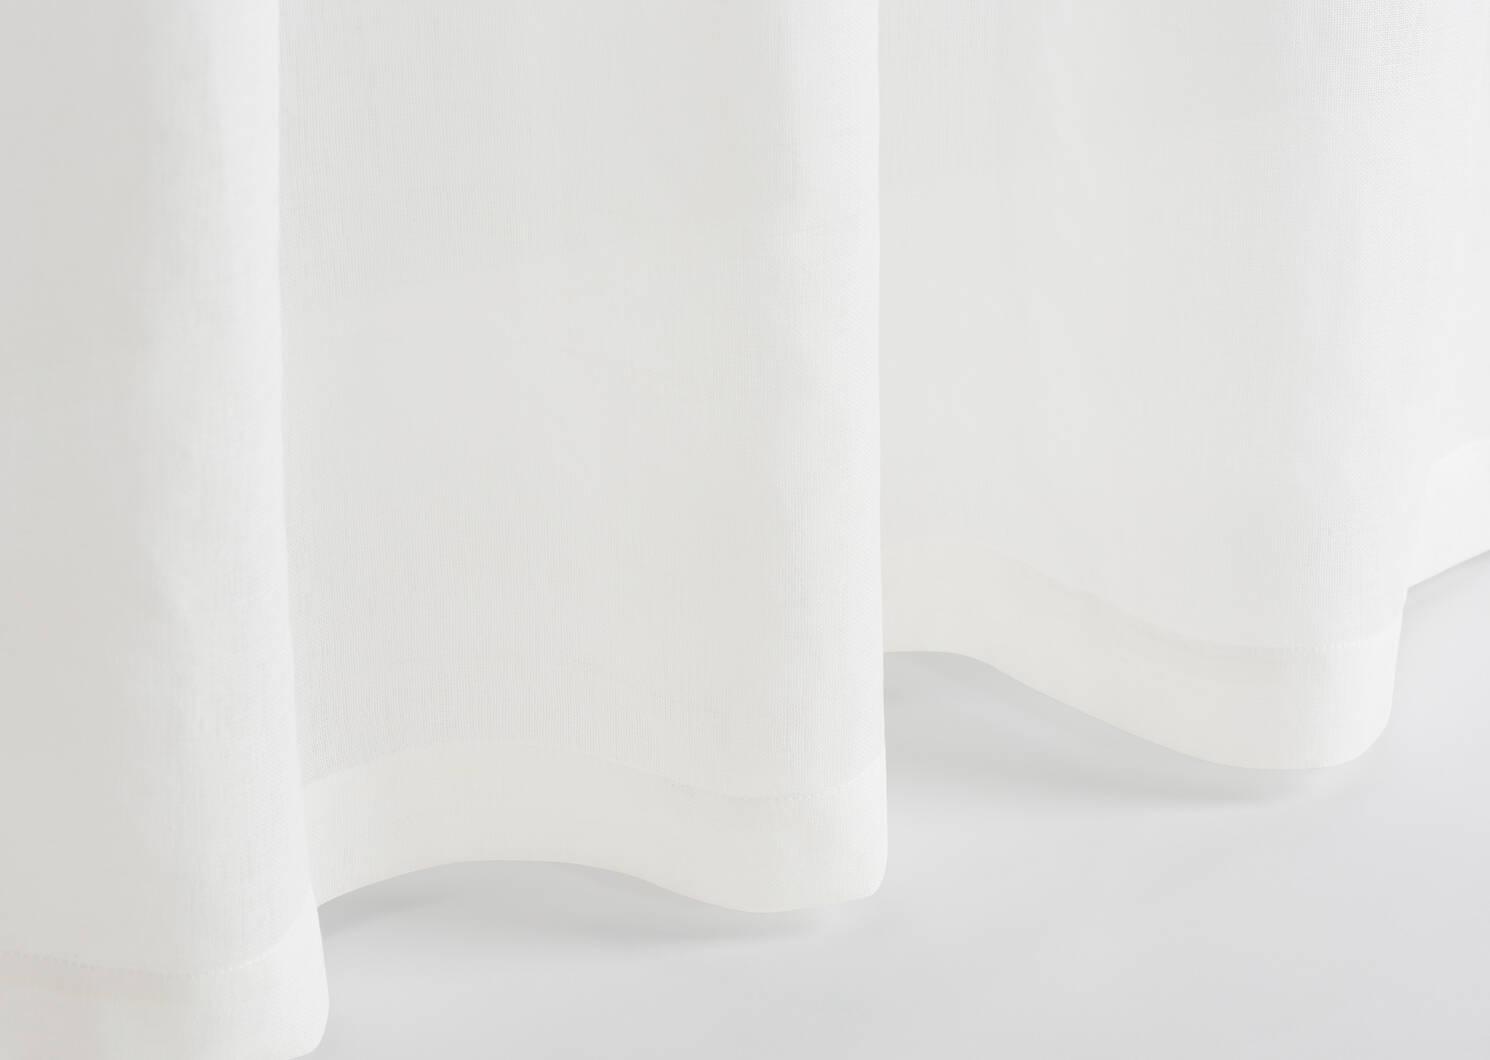 Misumi Sheer 96 White